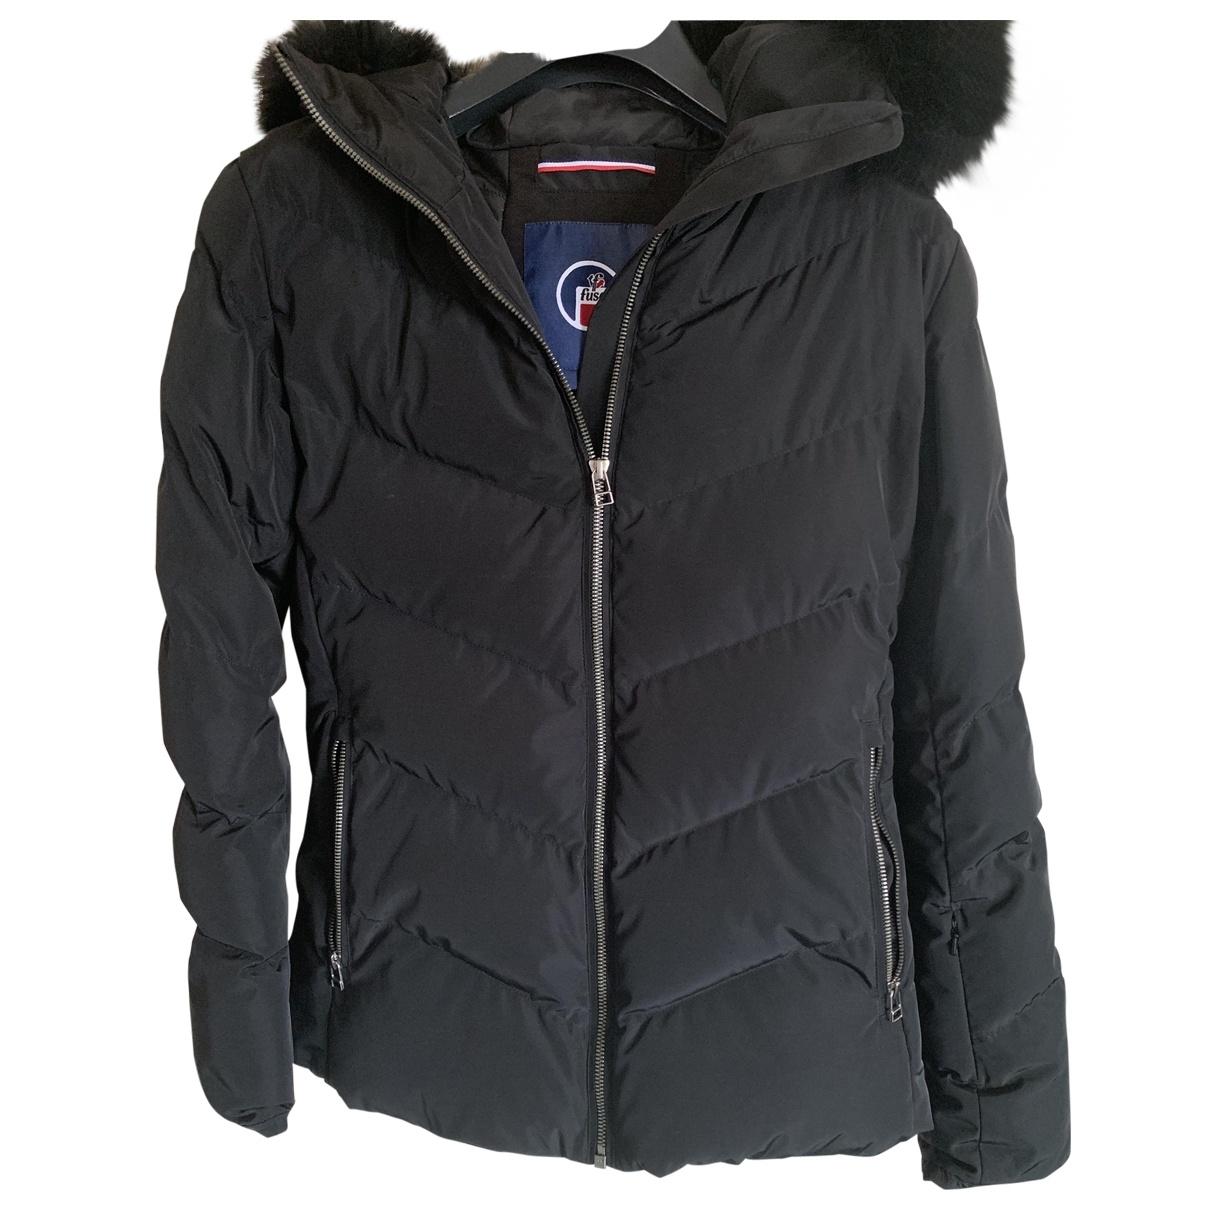 Fusalp \N Black coat for Women 40 FR